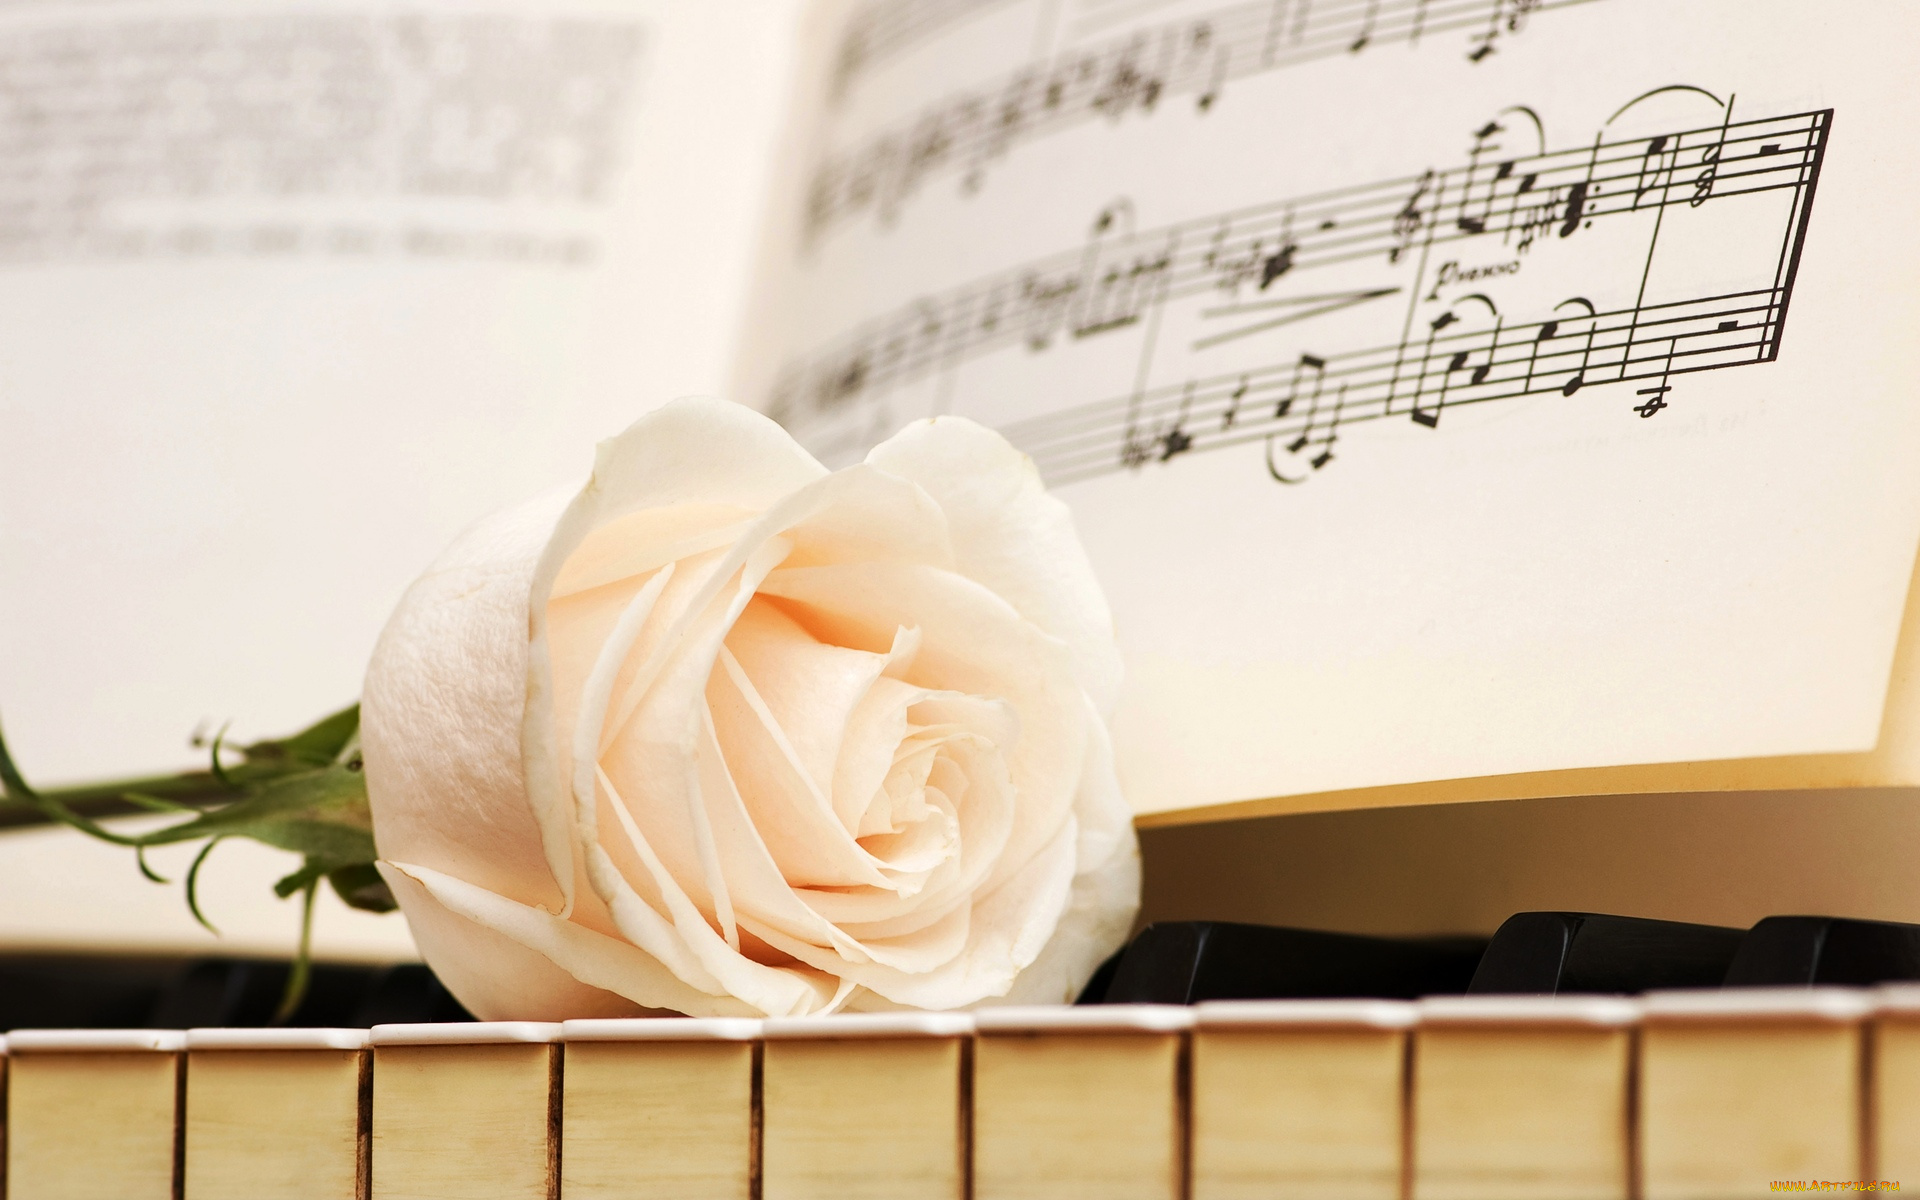 Красивые картинки и музыка к ним, картинках поздравления днем